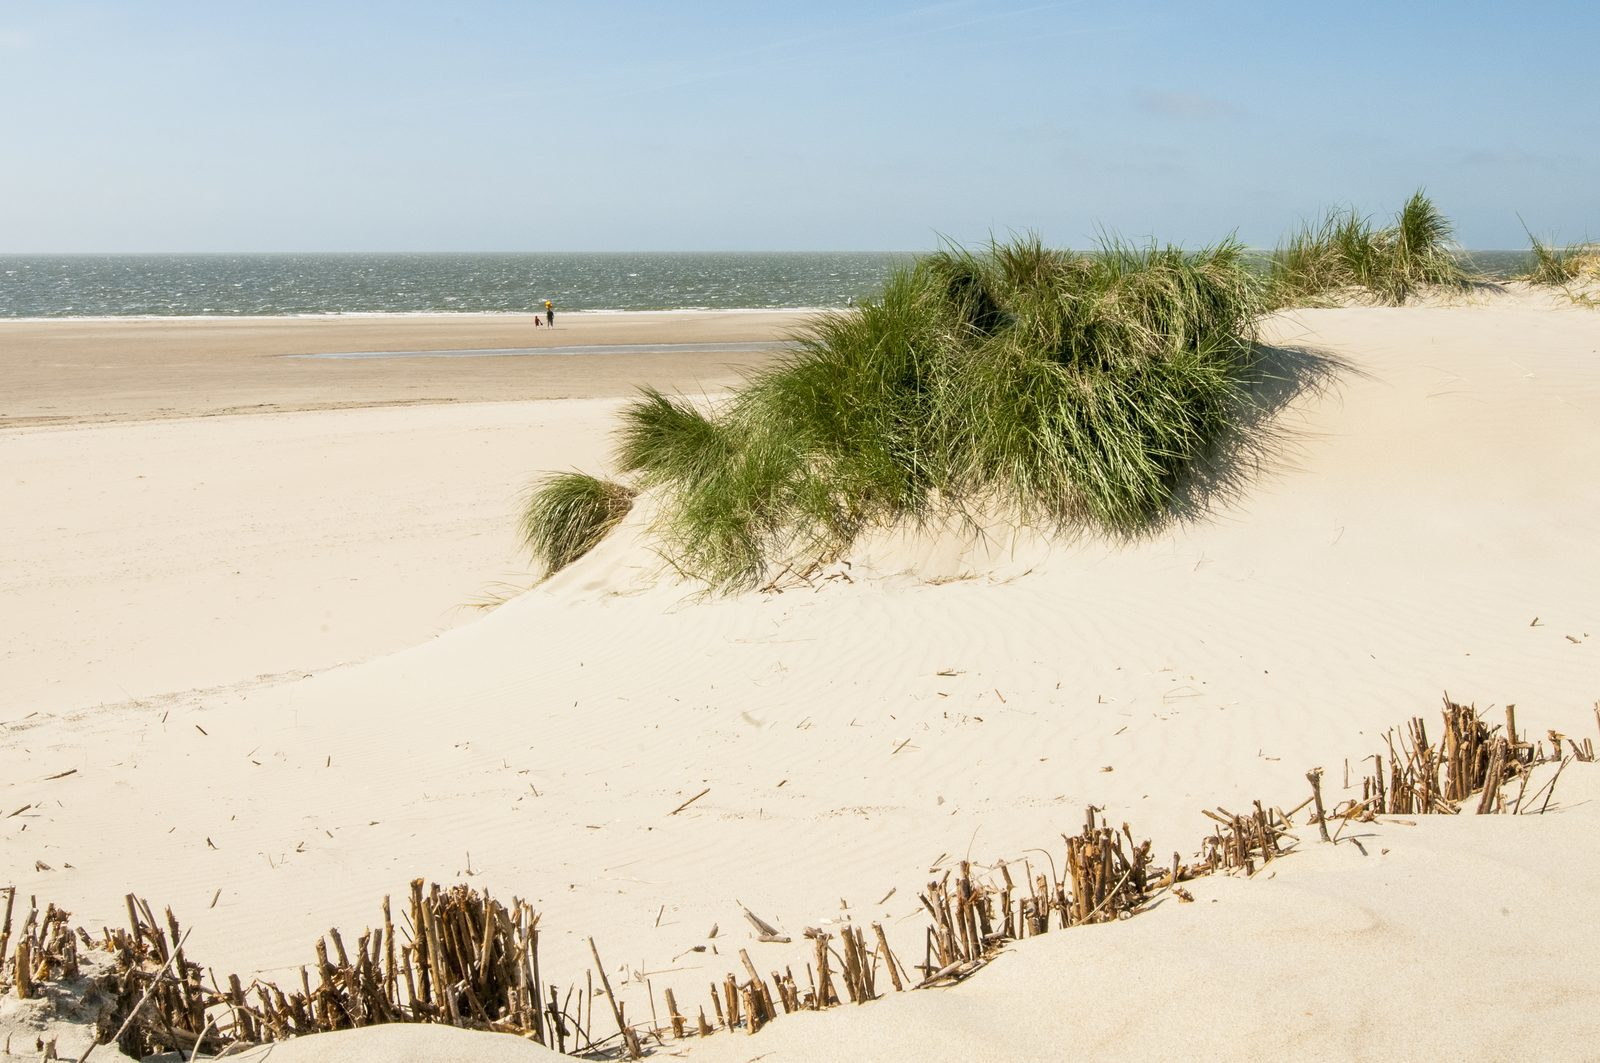 Sie mieten die besten Ferienhäuser und Gruppenunterkünfte in Zeeland bei UrlaubSeeland.de